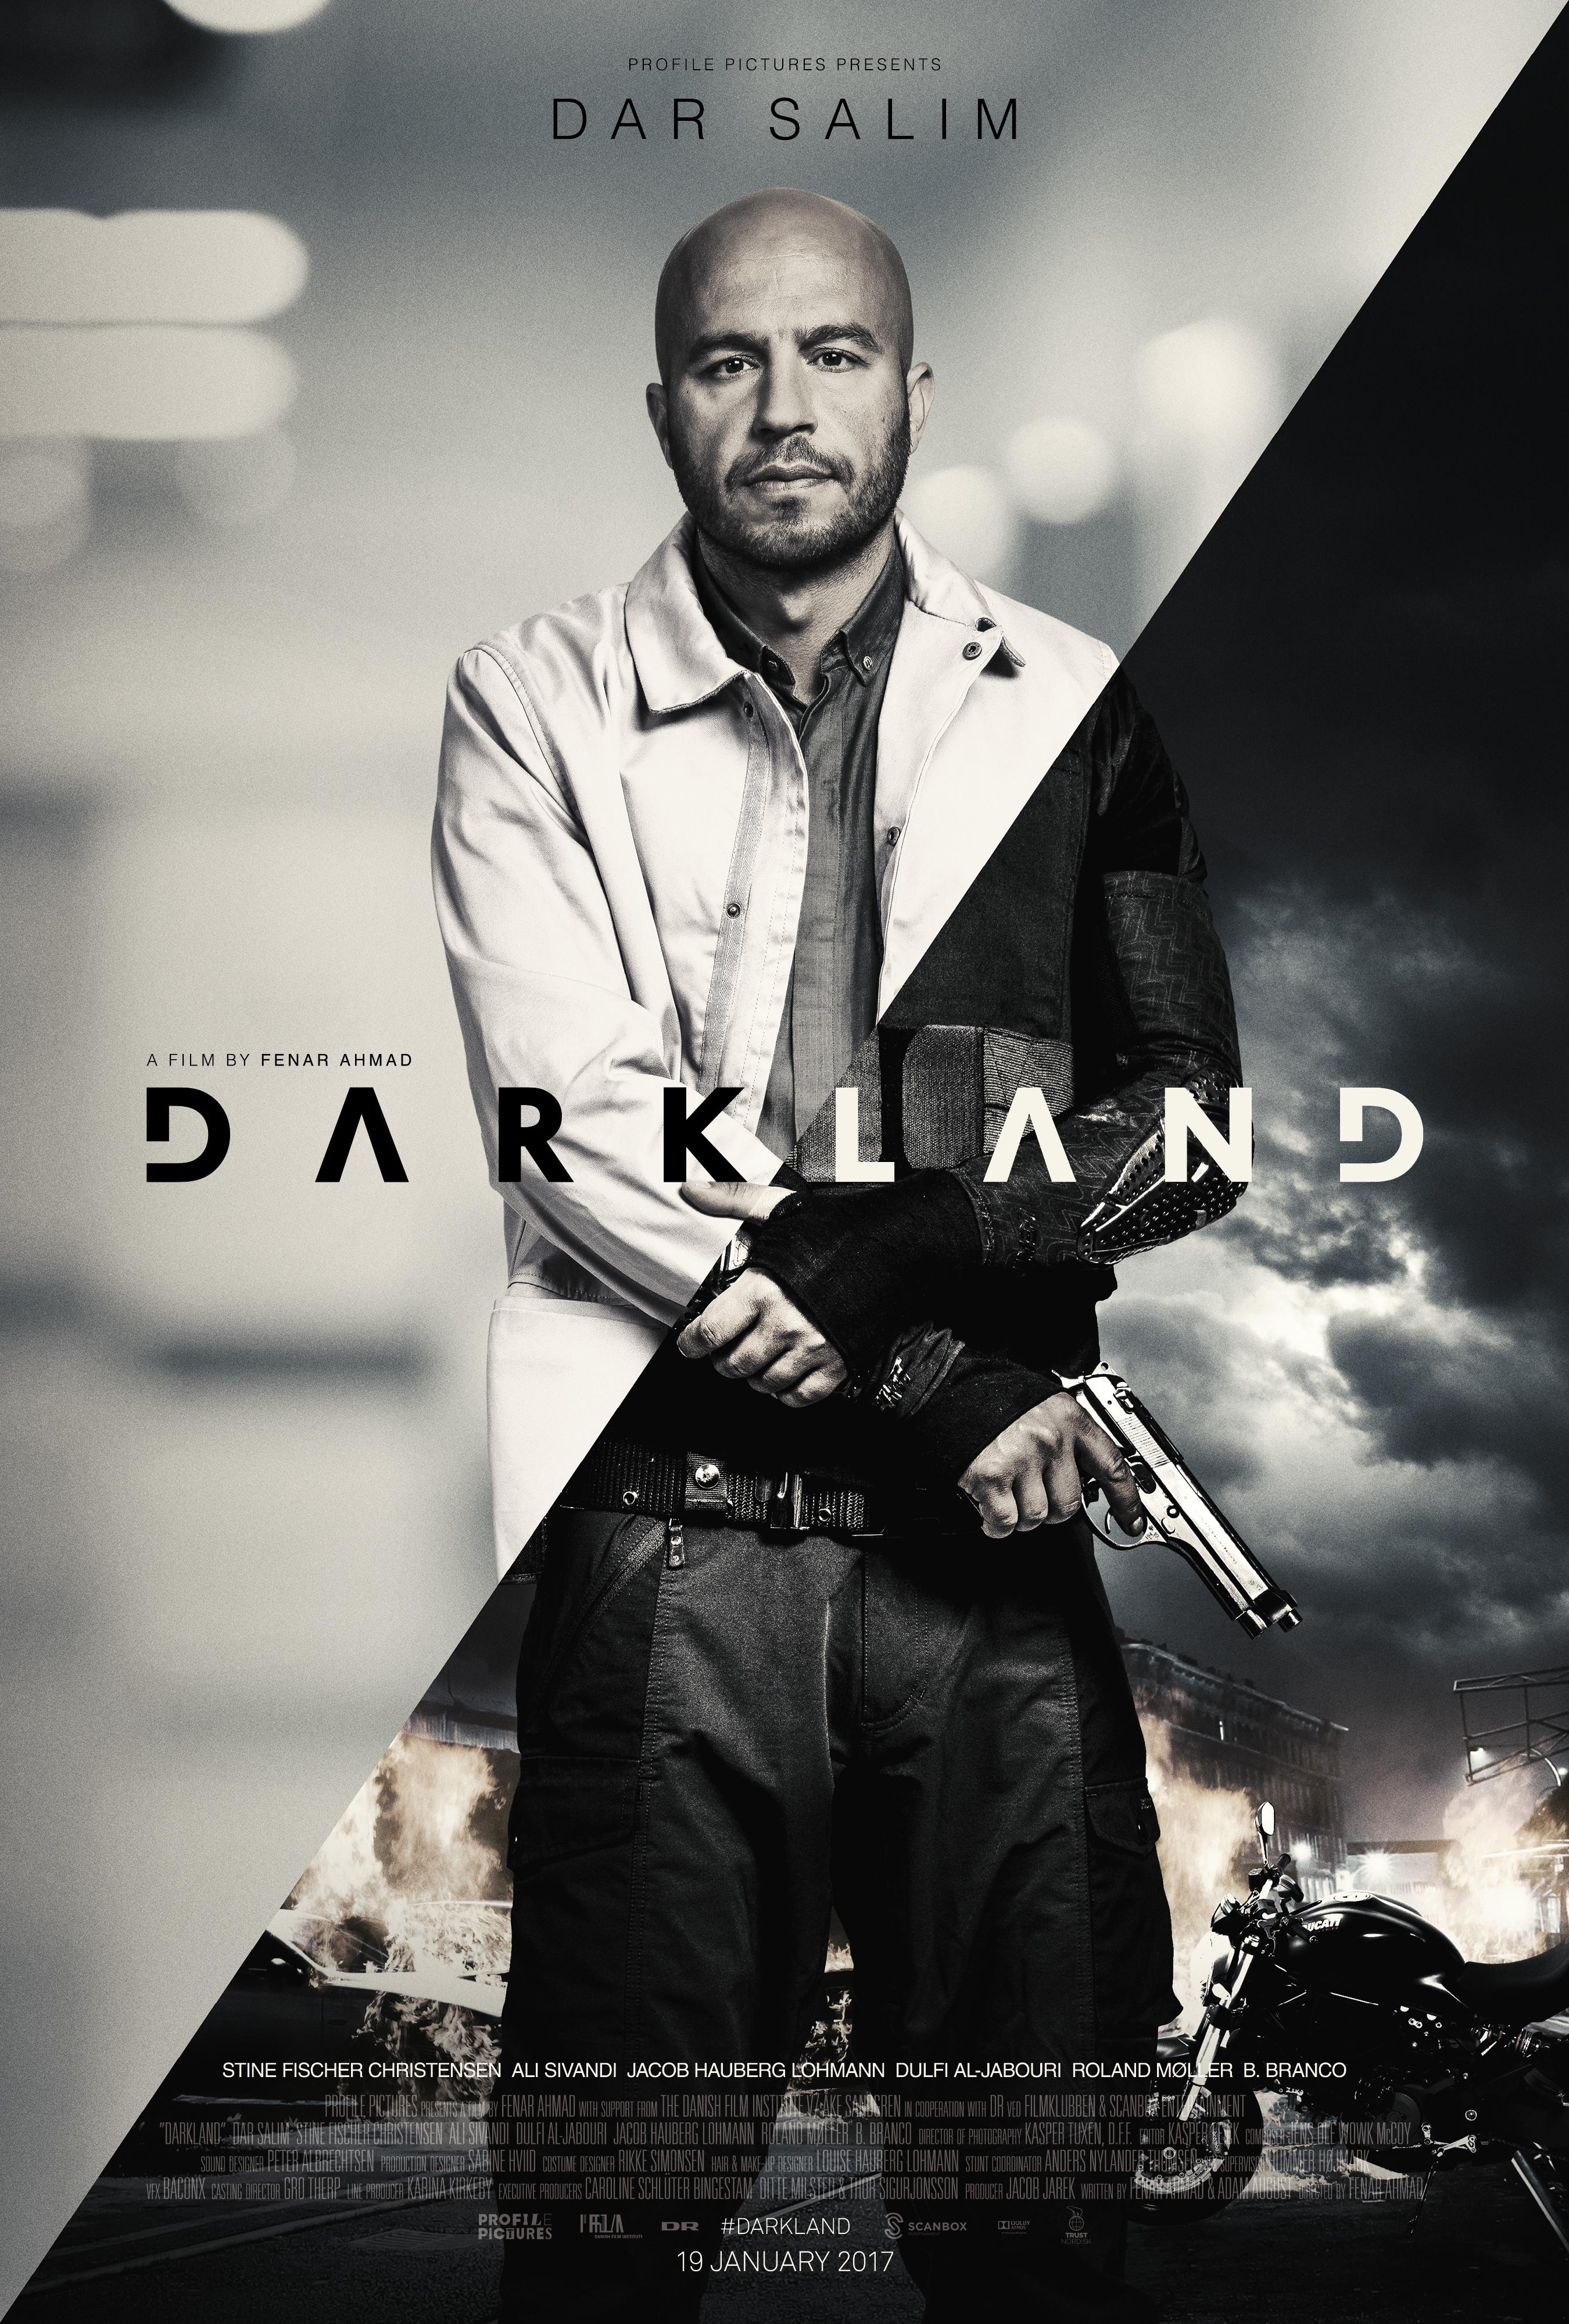 Guerreiro da Escuridão [Dub] – IMDB 6.7